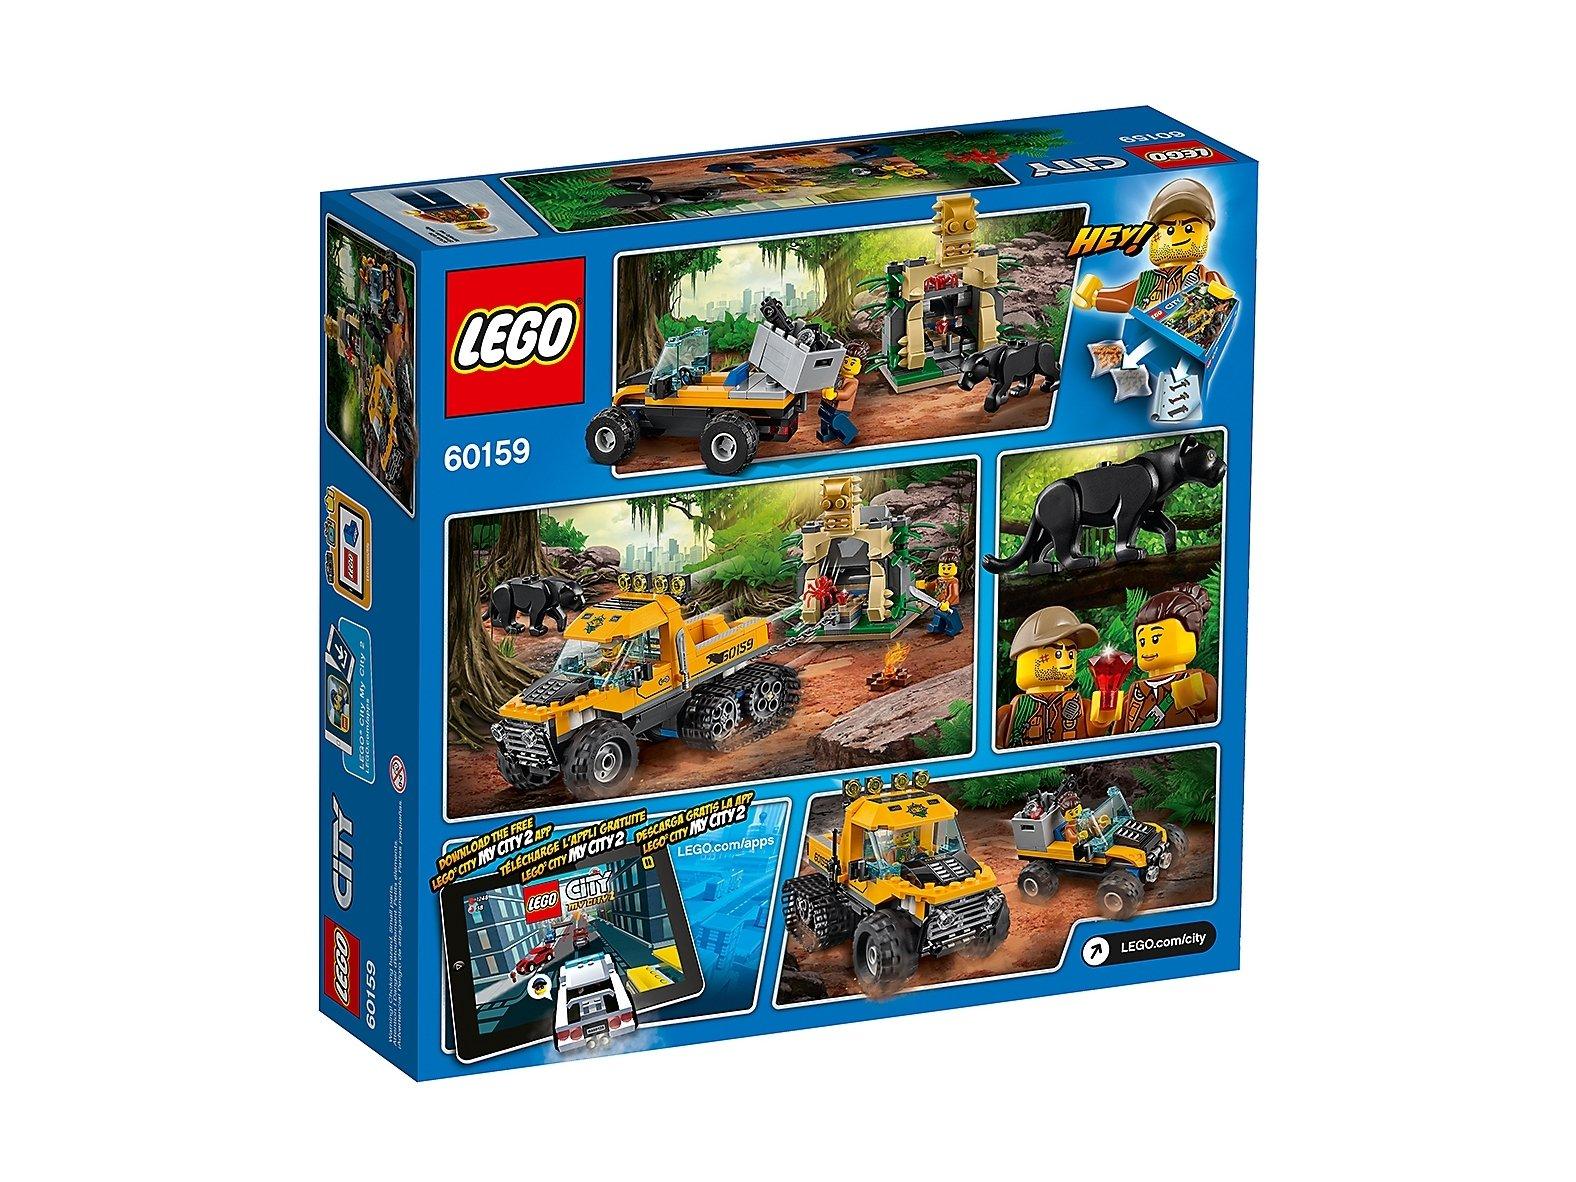 LEGO 60159 City Misja półgąsienicowej terenówki